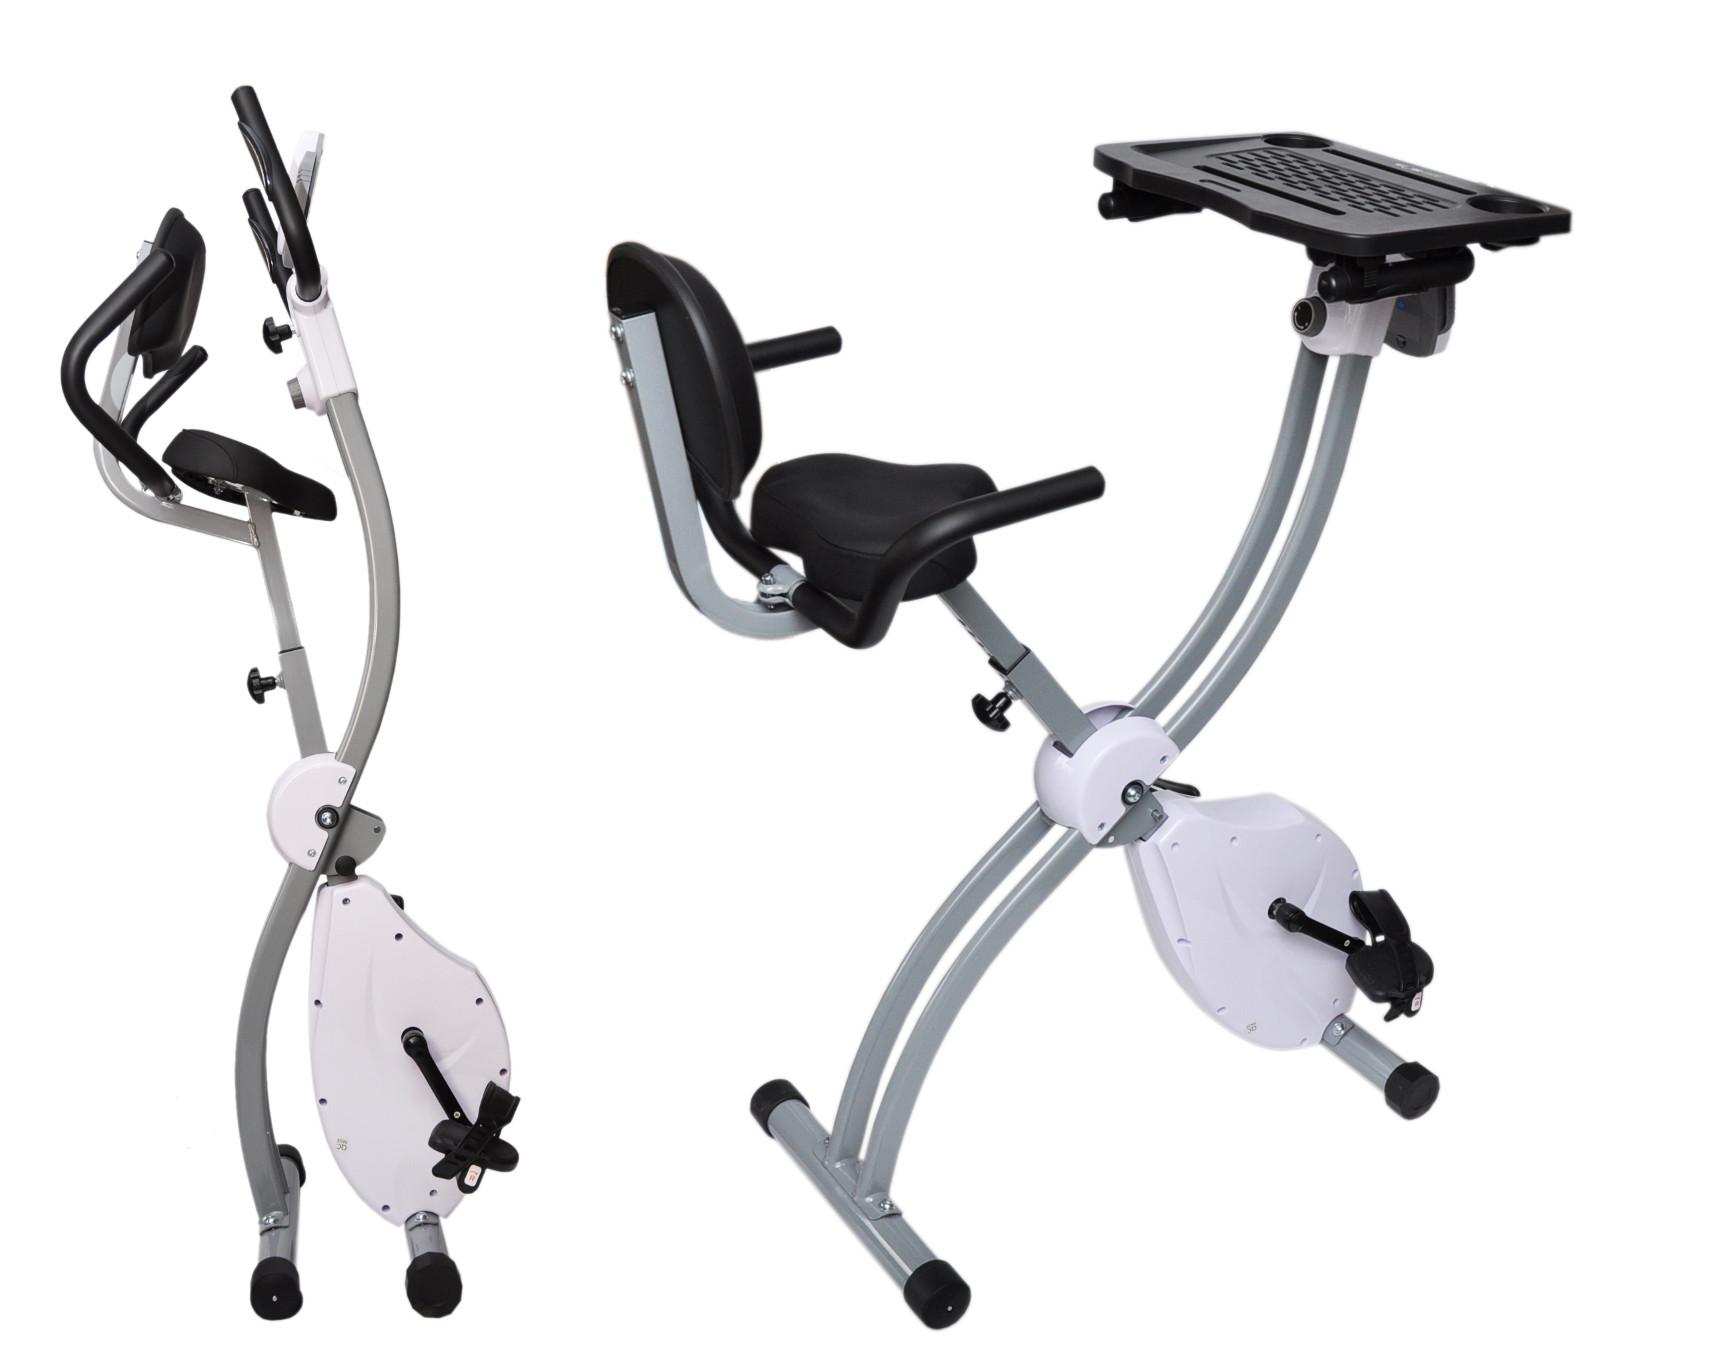 Rowerek Rower Stacjonarny Składany Dla Seniora 7289901366